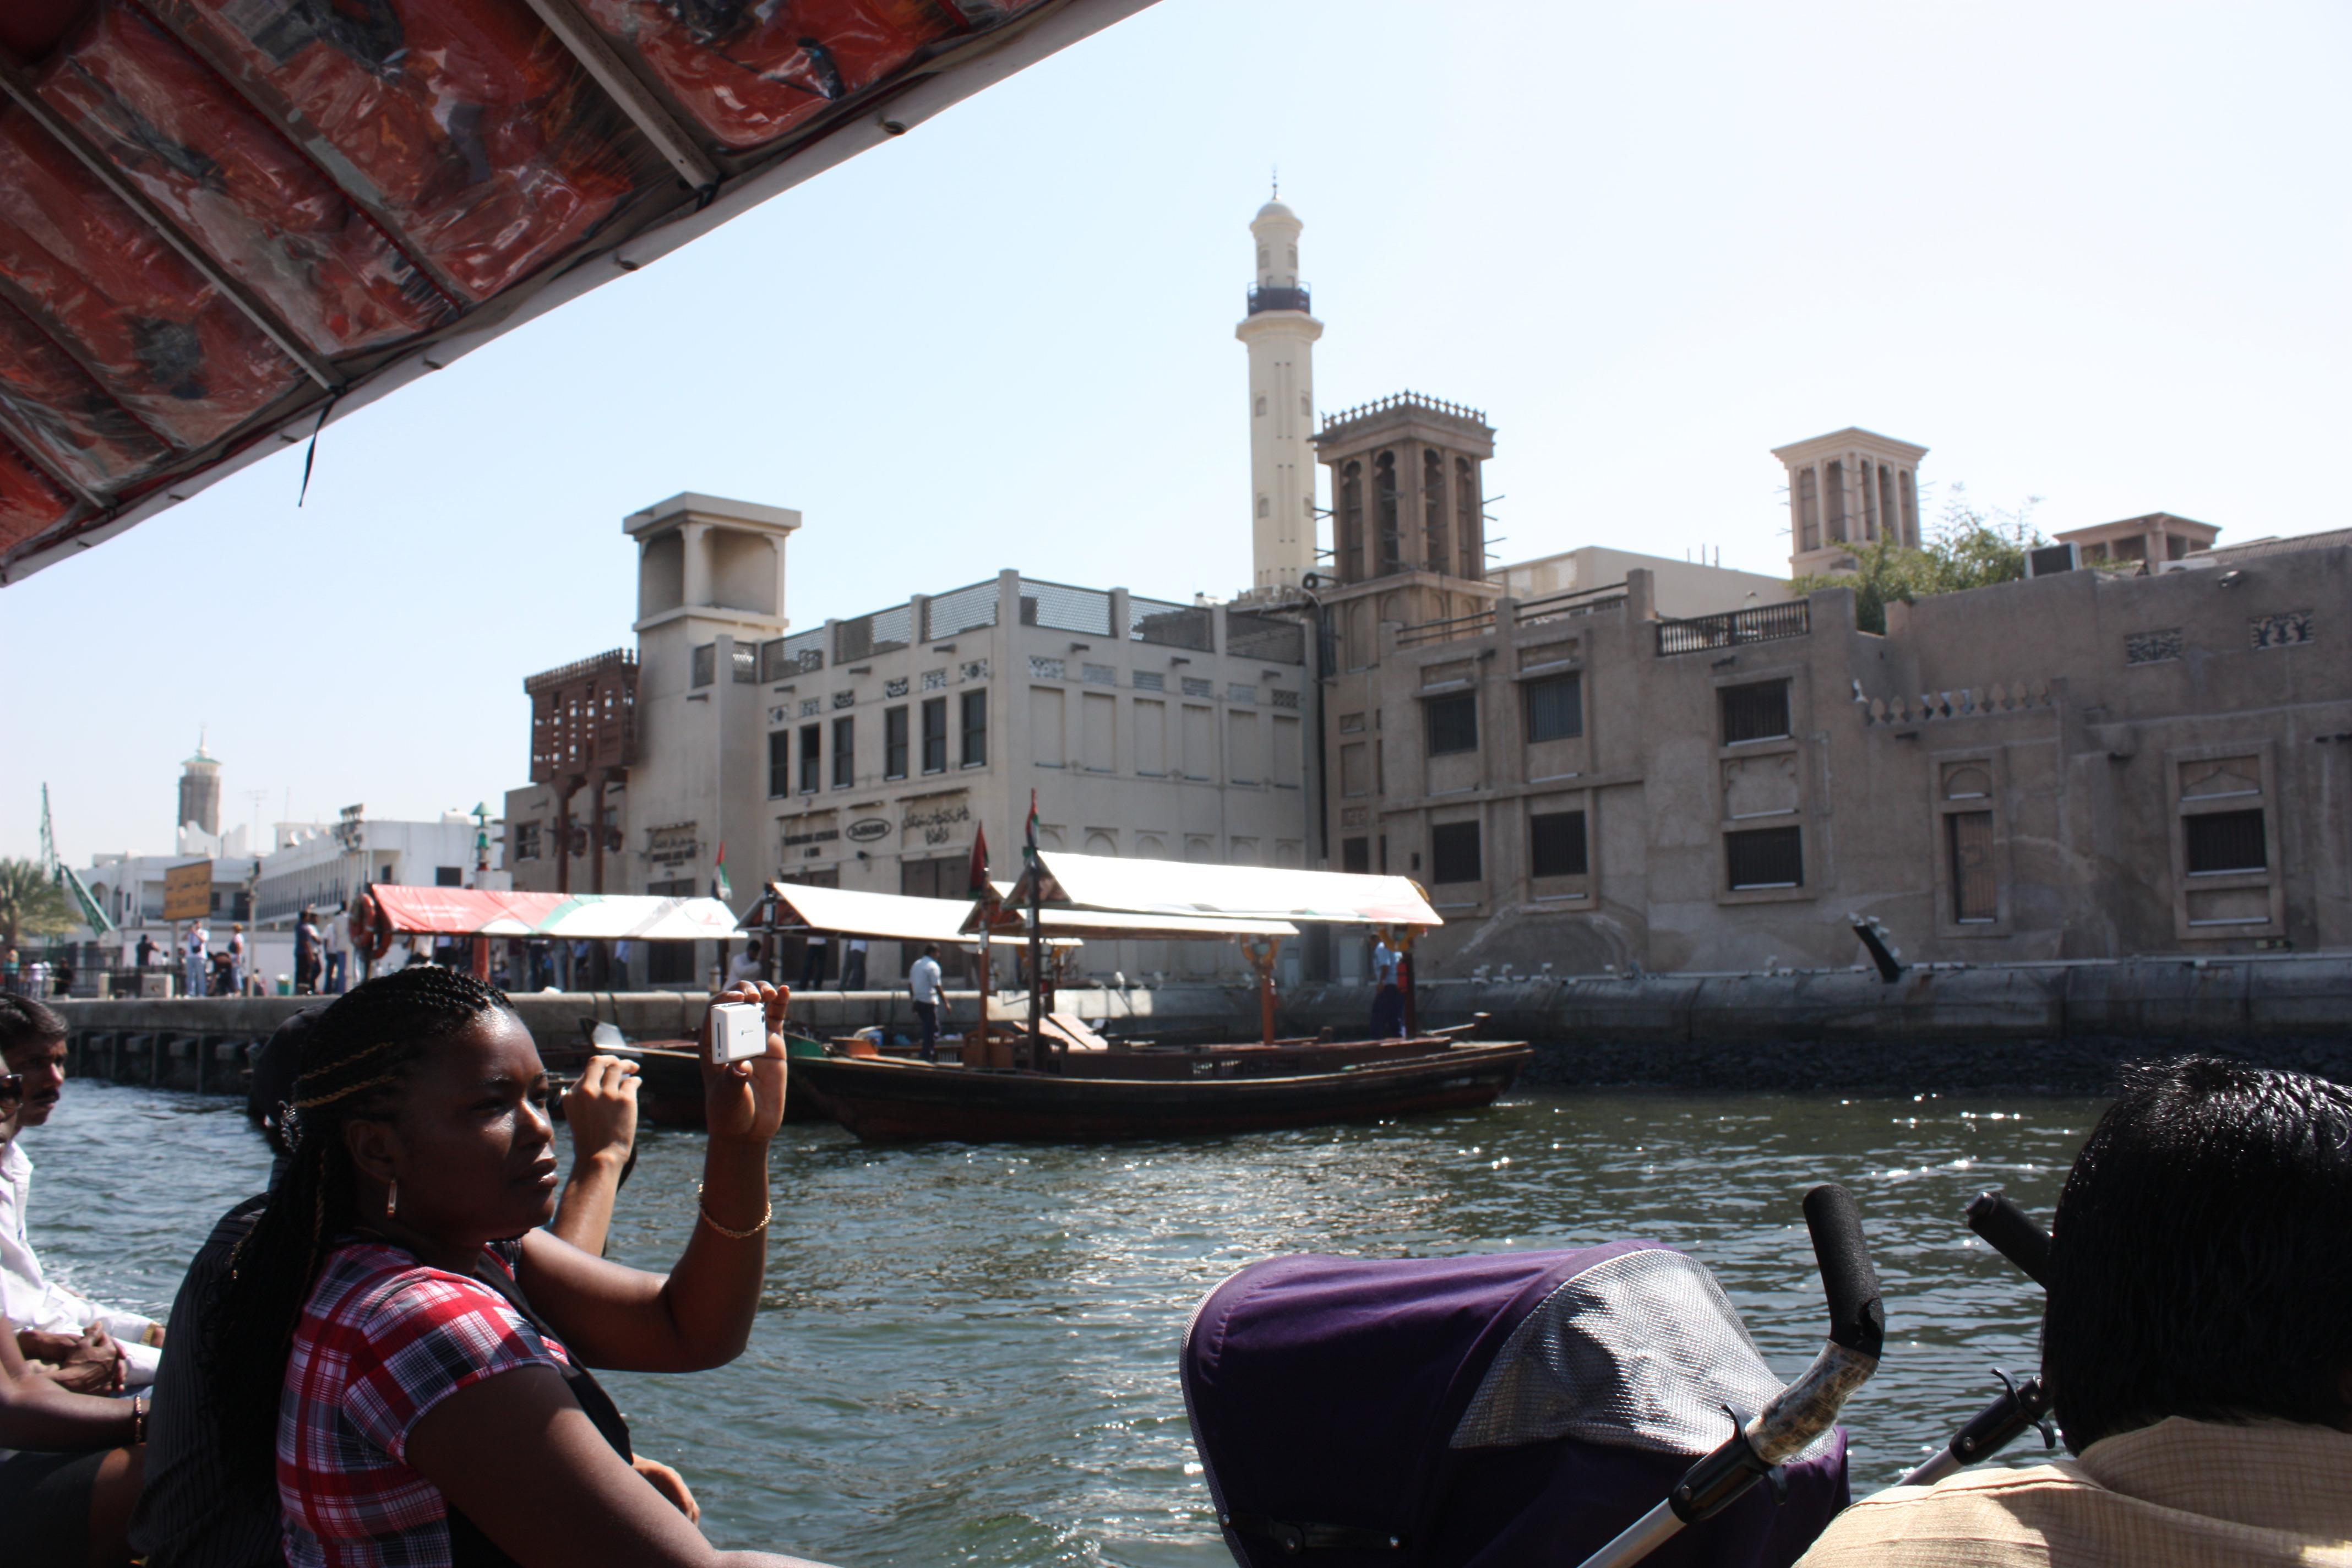 迪拜文化自然之旅一日游